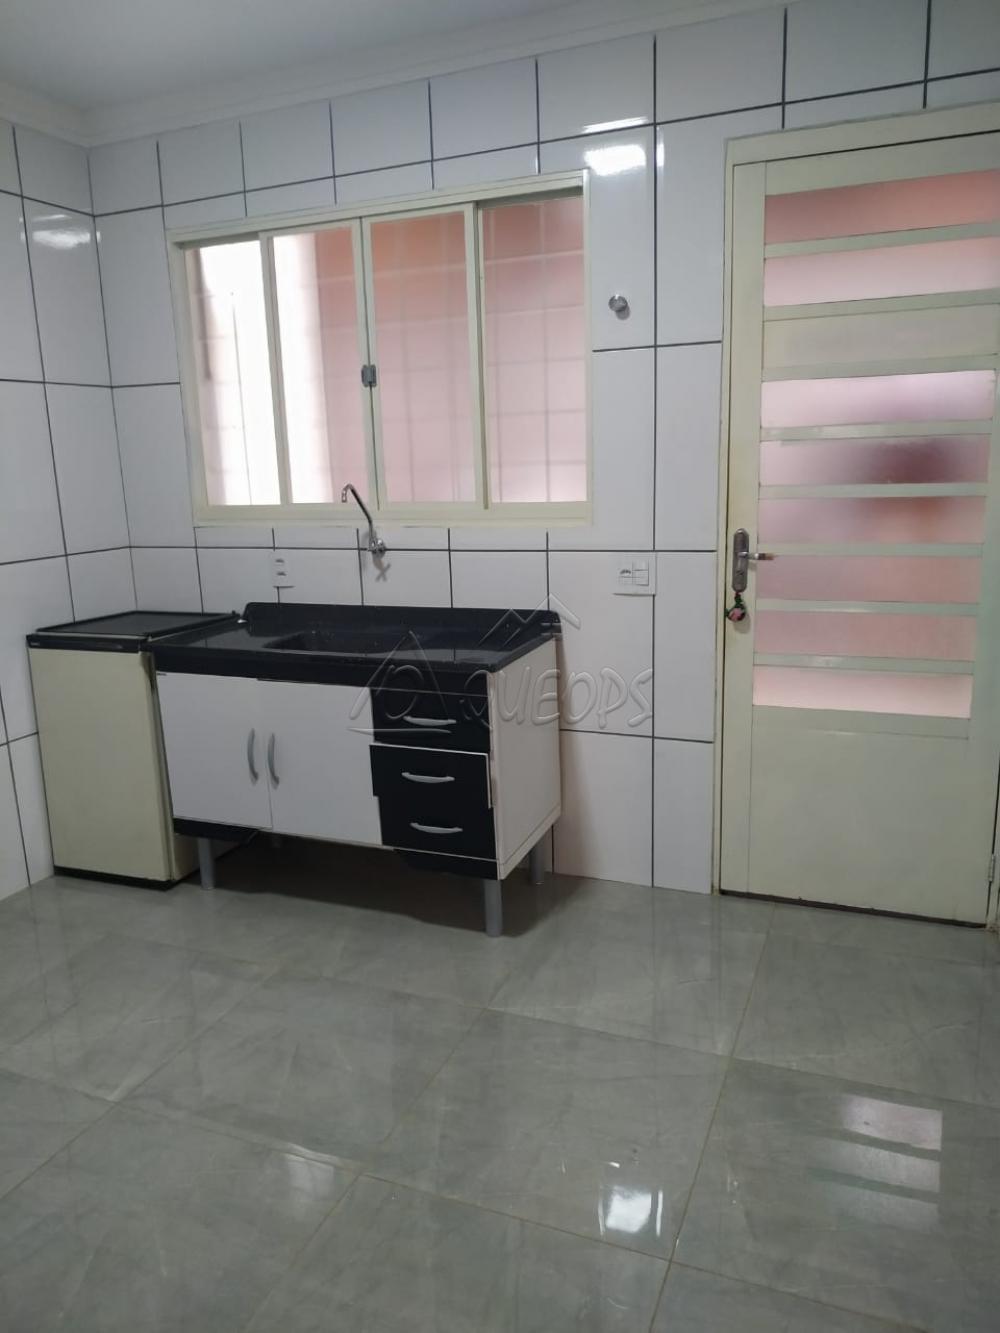 Comprar Casa / Padrão em Barretos apenas R$ 230.000,00 - Foto 8